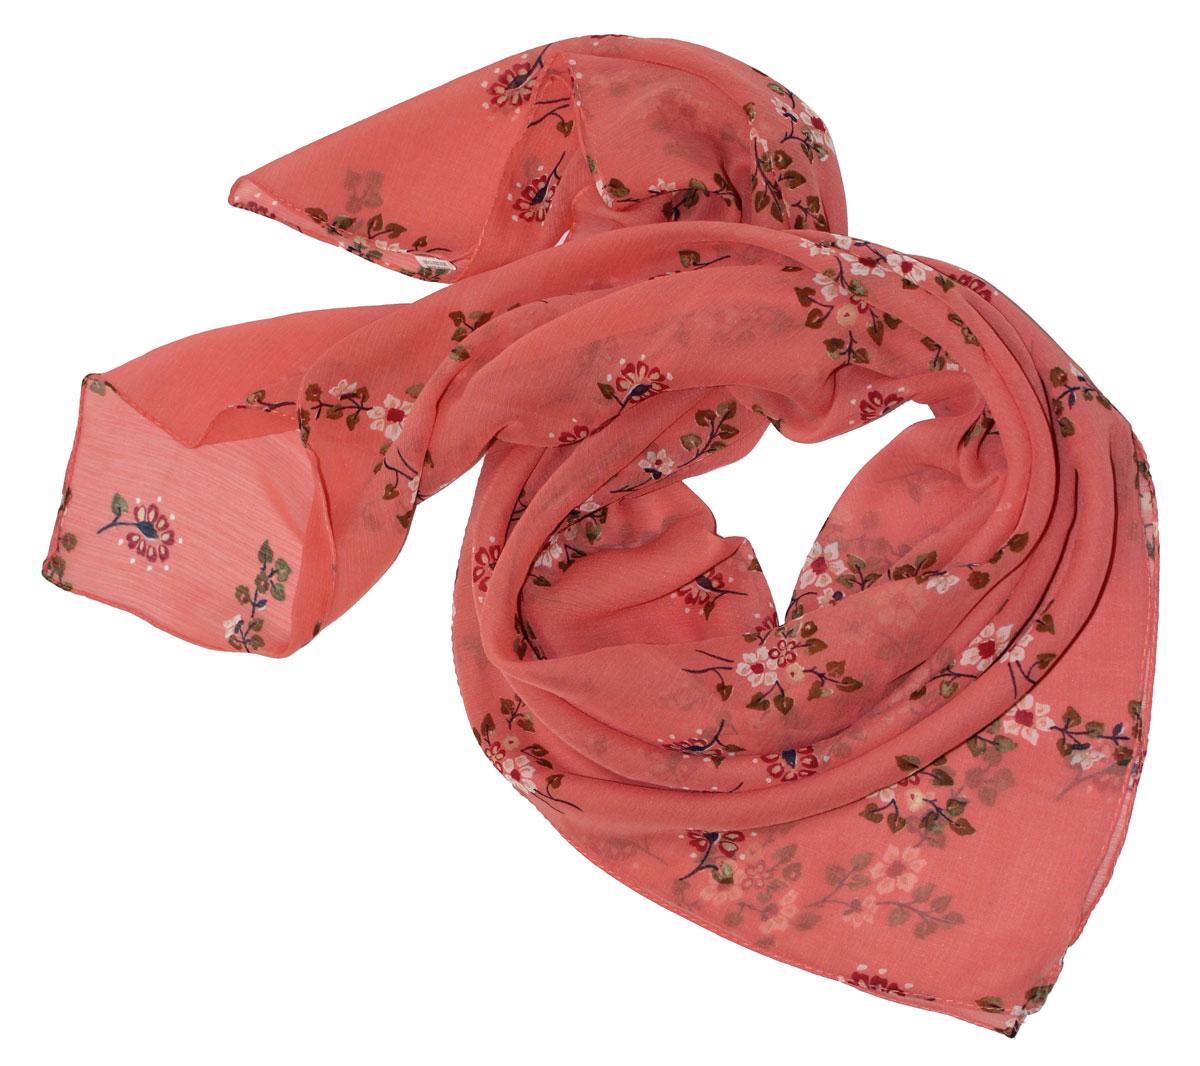 Платок женский Ethnica, цвет: коралловый, зеленый. 524040н. Размер 90 см х 90 см524040нСтильный платок привлекательной расцветки изготовлен из 100% вискозы. Он удачно дополнит ваш гардероб и поможет создать новый повседневный образ, добавить в него яркие краски. Отличный вариант для тех, кто стремится к самовыражению и новизне!